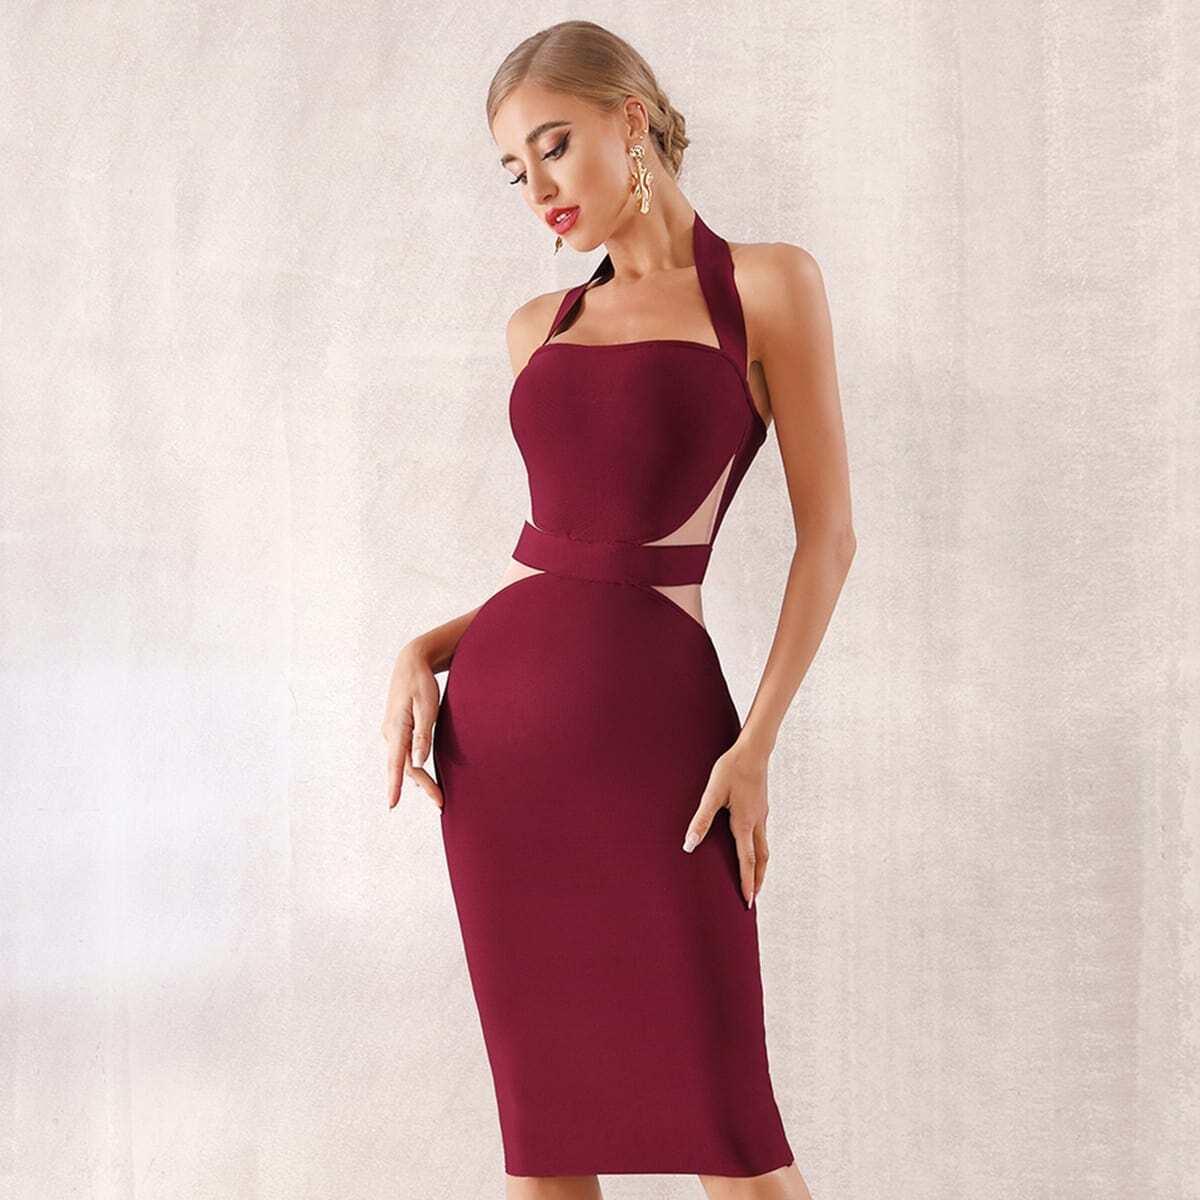 облегающее платье-халтер с разрезом